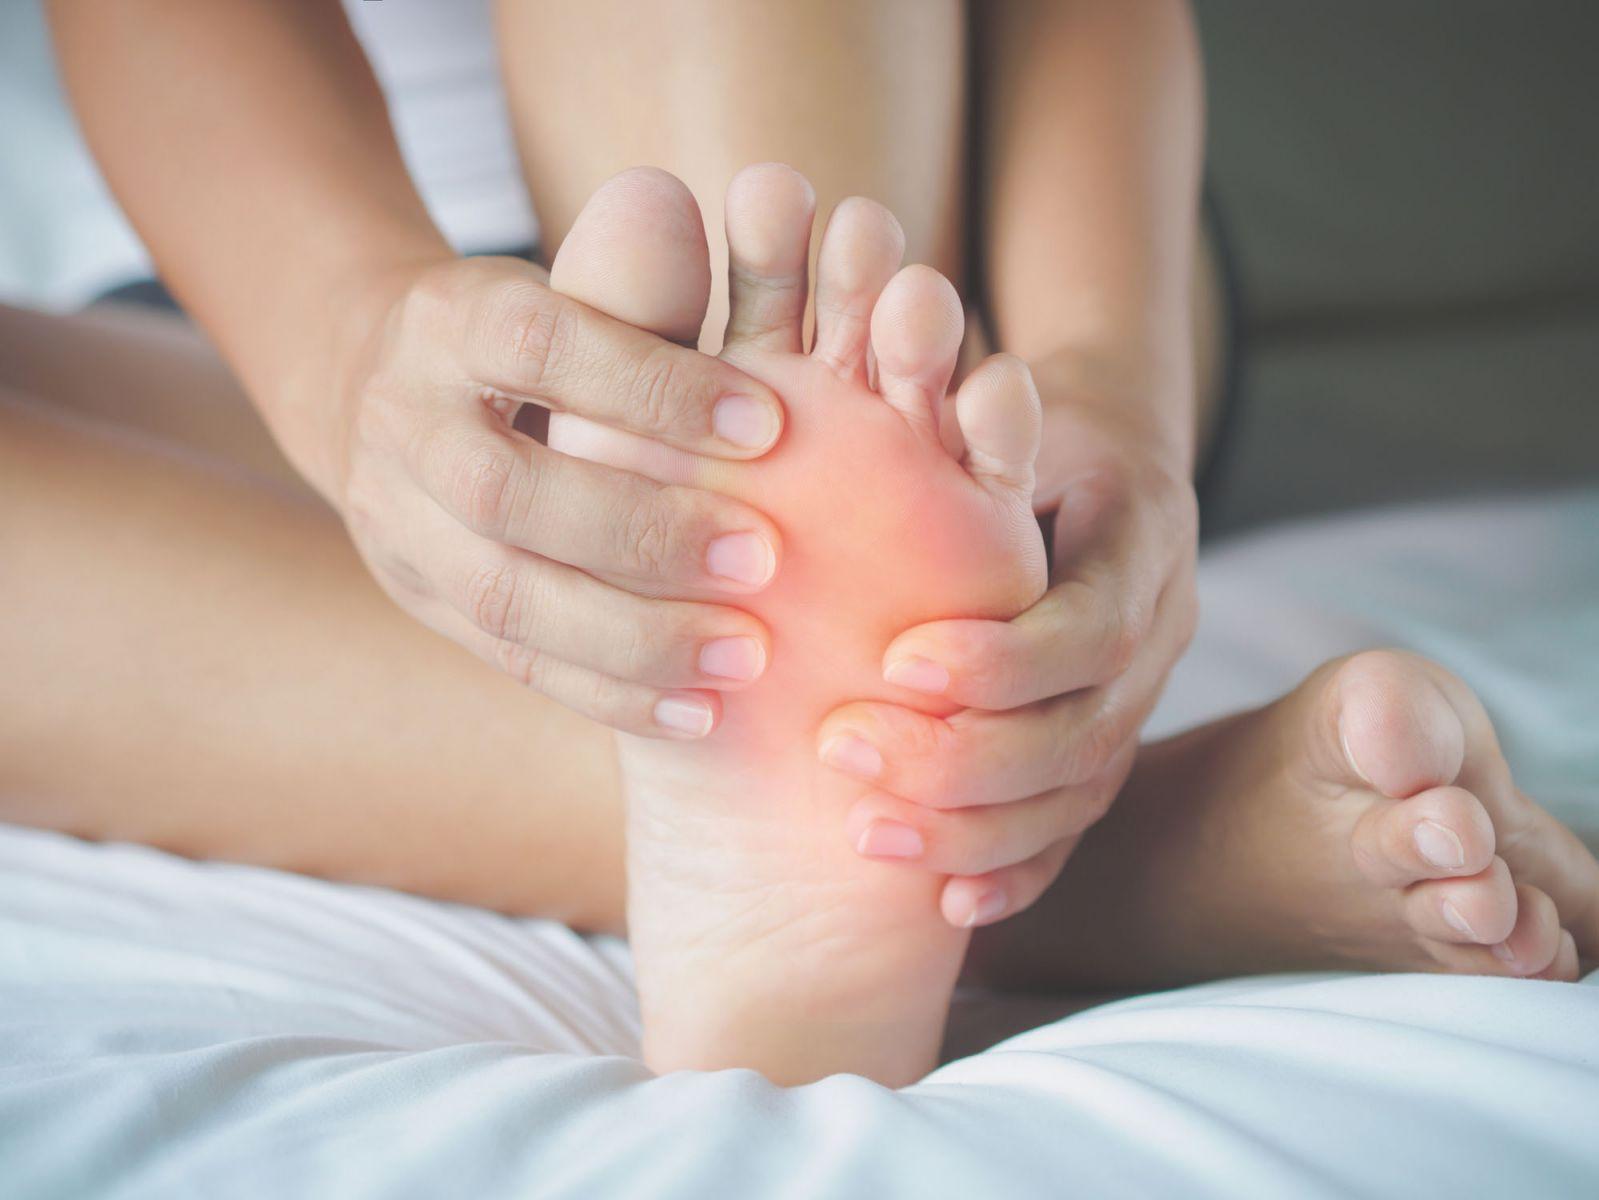 kojų patinimo su hipertenzija priežastys)